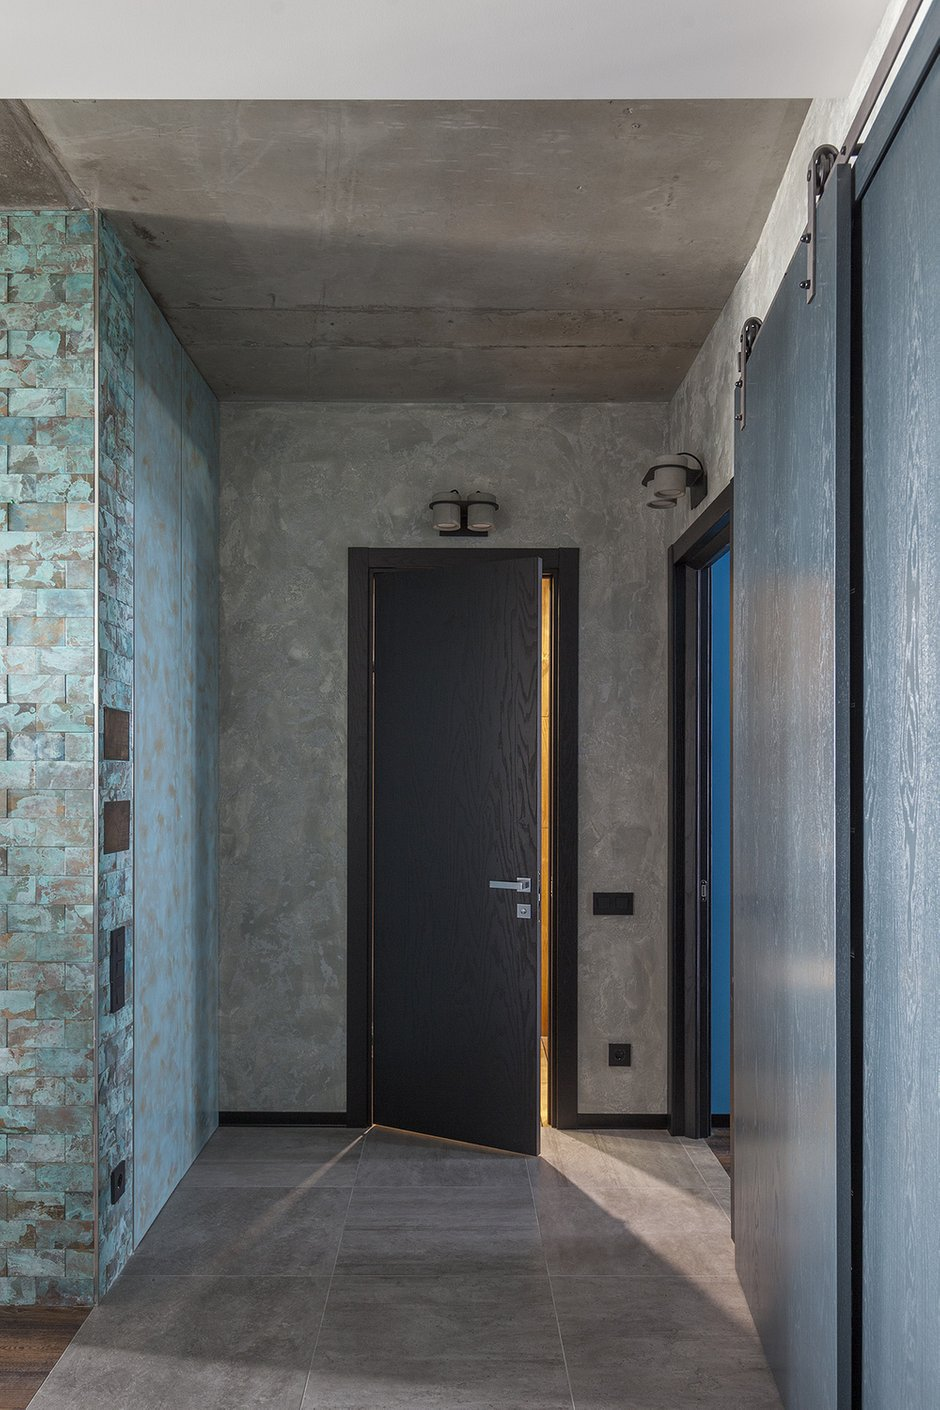 Фотография: Прихожая в стиле Лофт, Квартира, Проект недели, Москва, Ирина Большакова, 2 комнаты, 60-90 метров, Монолитно-кирпичный – фото на INMYROOM